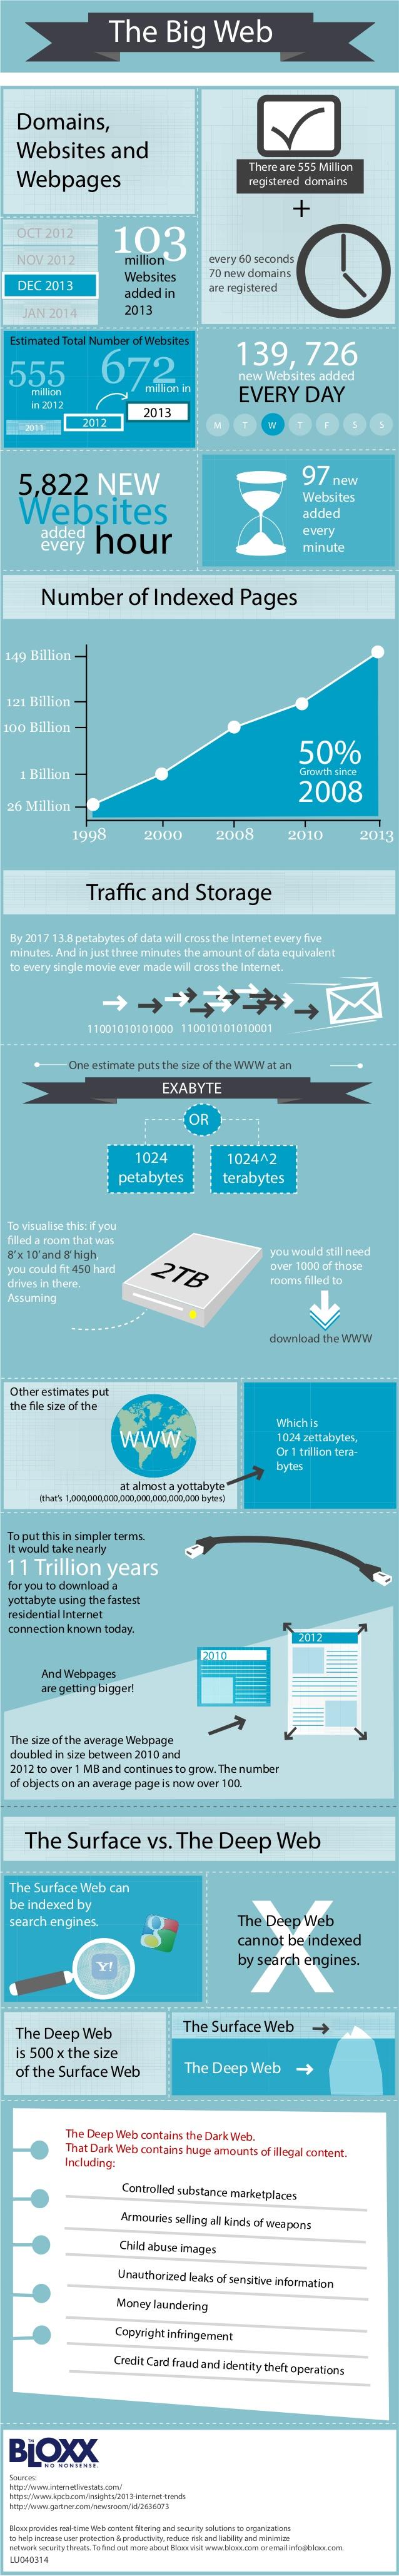 El inmenso mundo de la web #infografia #infographic #internet - TICs y Formación